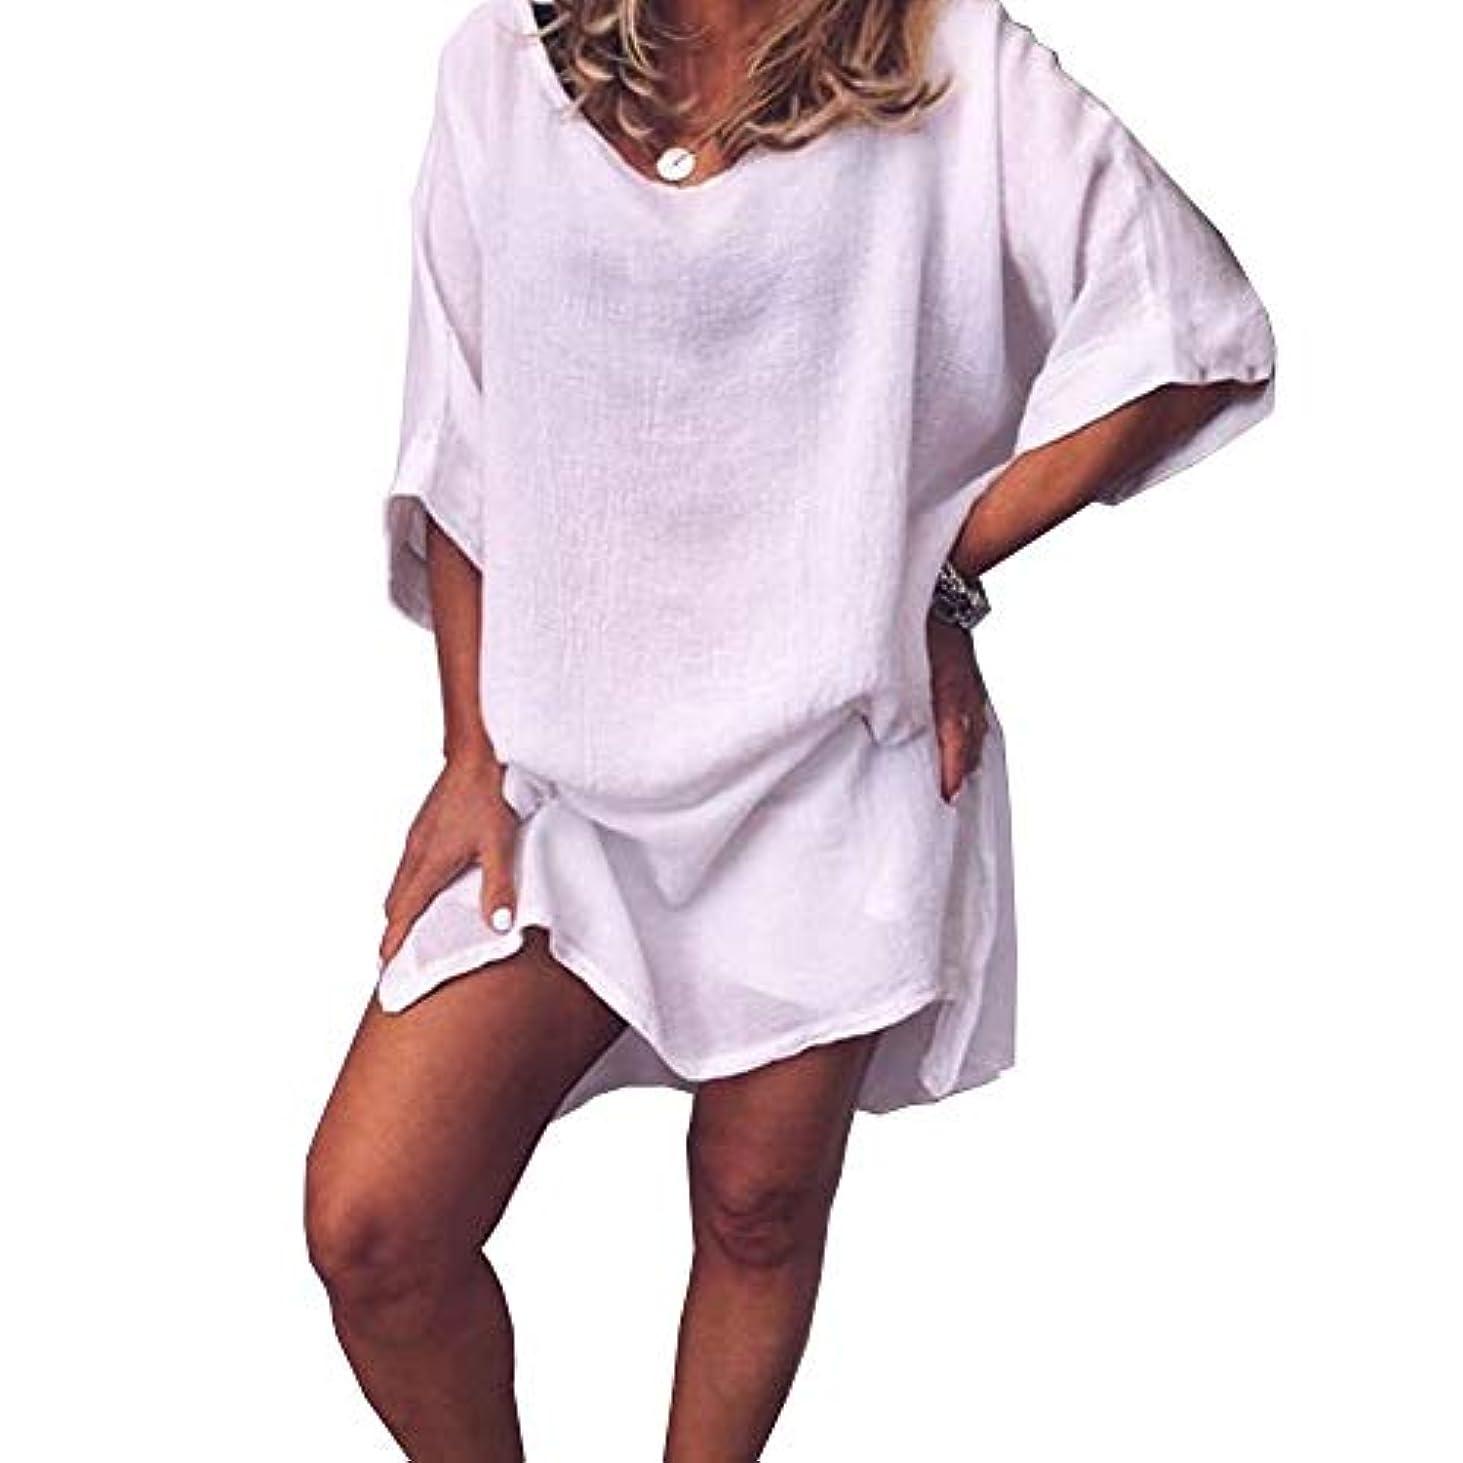 ジャングルホバー申し立てるMIFAN サマードレス、ビーチドレス、ルーズドレス、プラスサイズ、リネンドレス、トップス&ブラウス、女性ドレス、カジュアルドレス